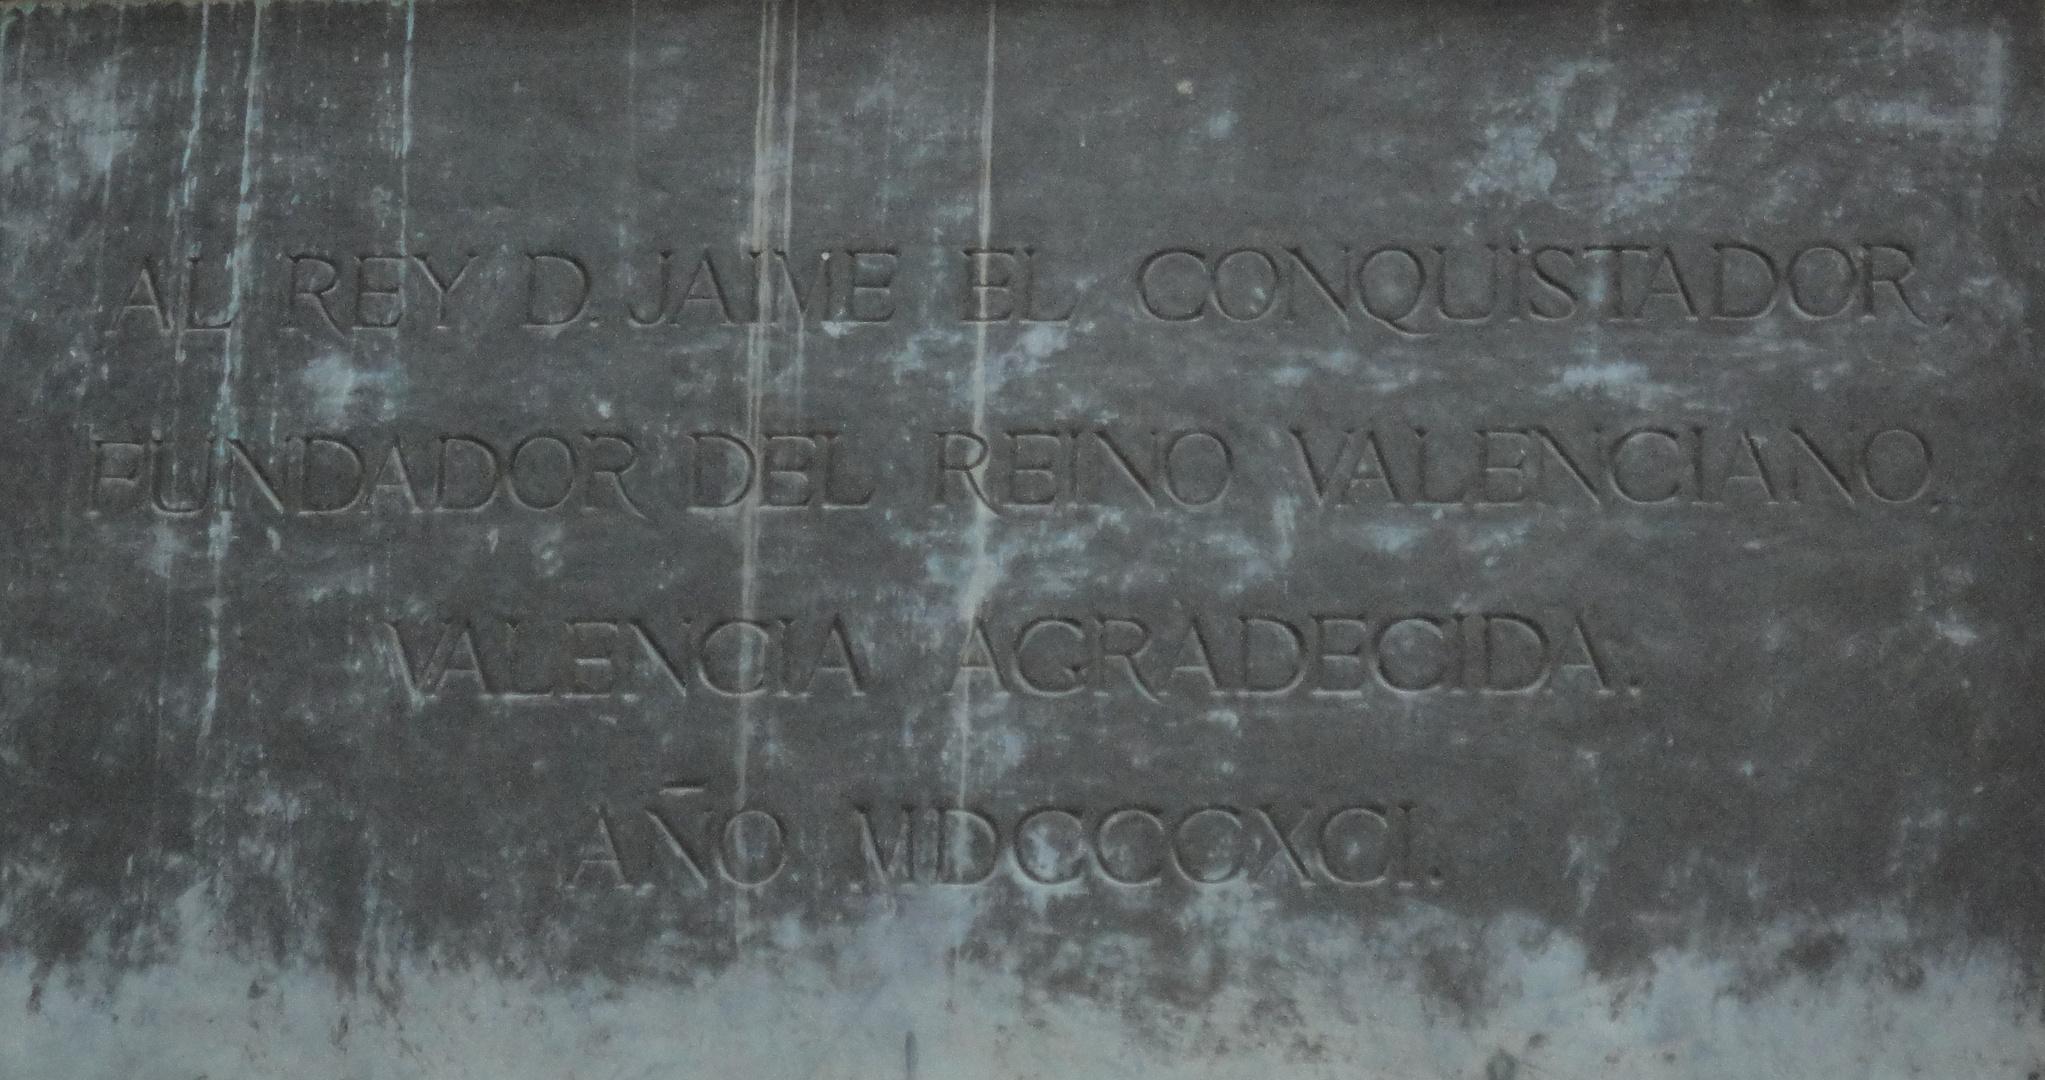 Jaime I El Conquistador Placa bajo estatua